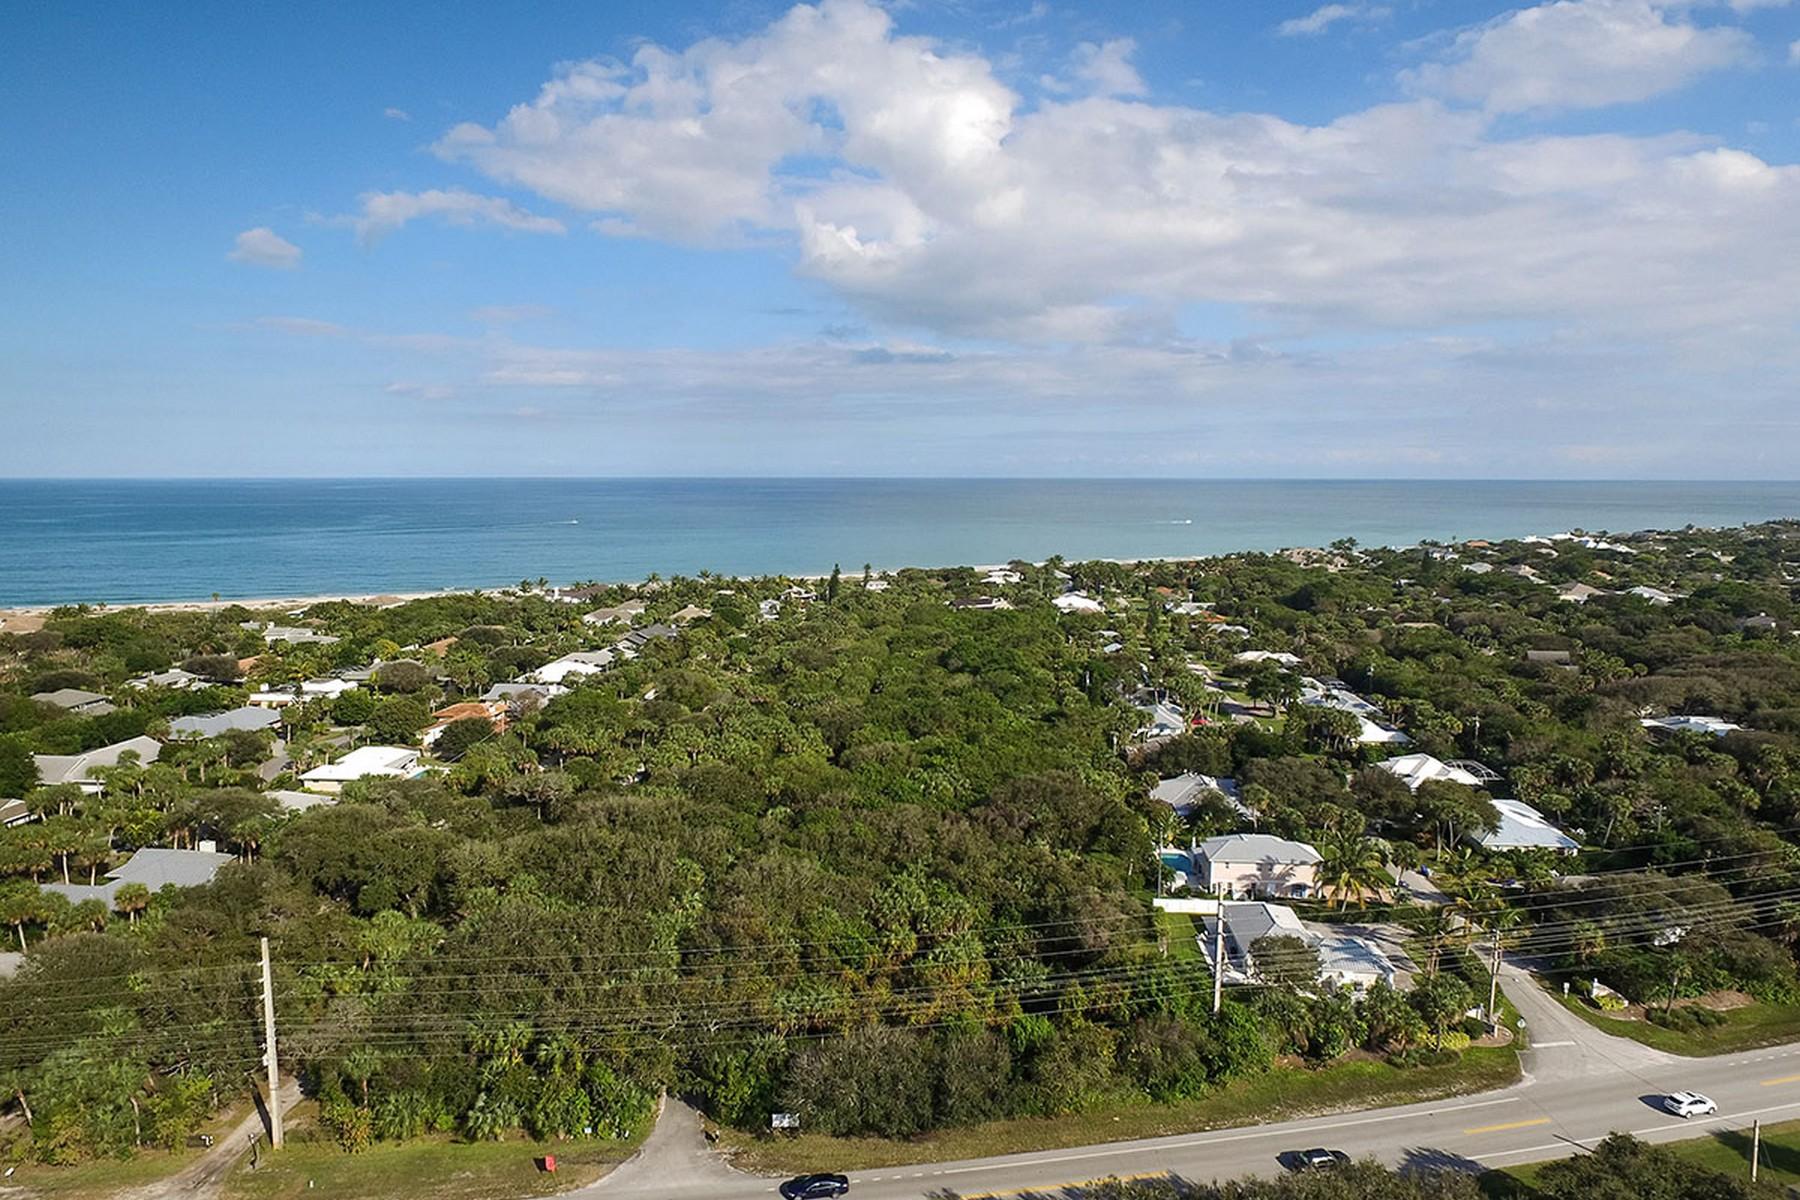 Земля для того Продажа на Magnificent Oceanfront Homesite-3 Homesites Total 660 Highway A1A Vero Beach, Флорида, 32963 Соединенные Штаты